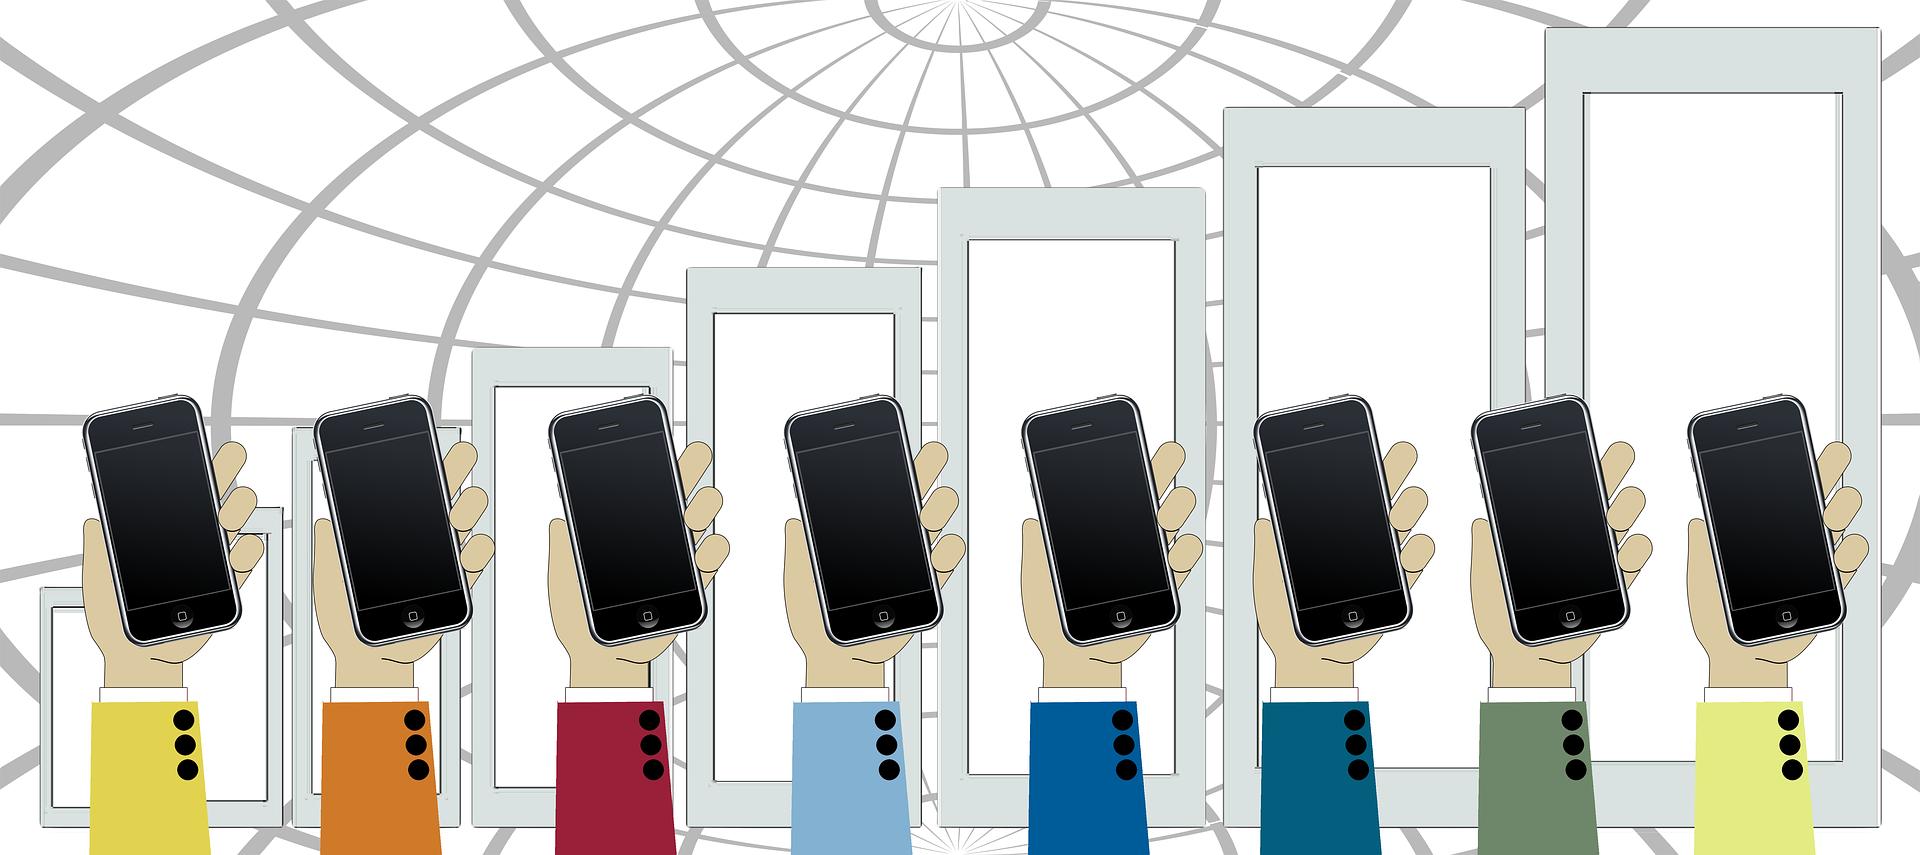 Tarifdschungel, mein Smartphone